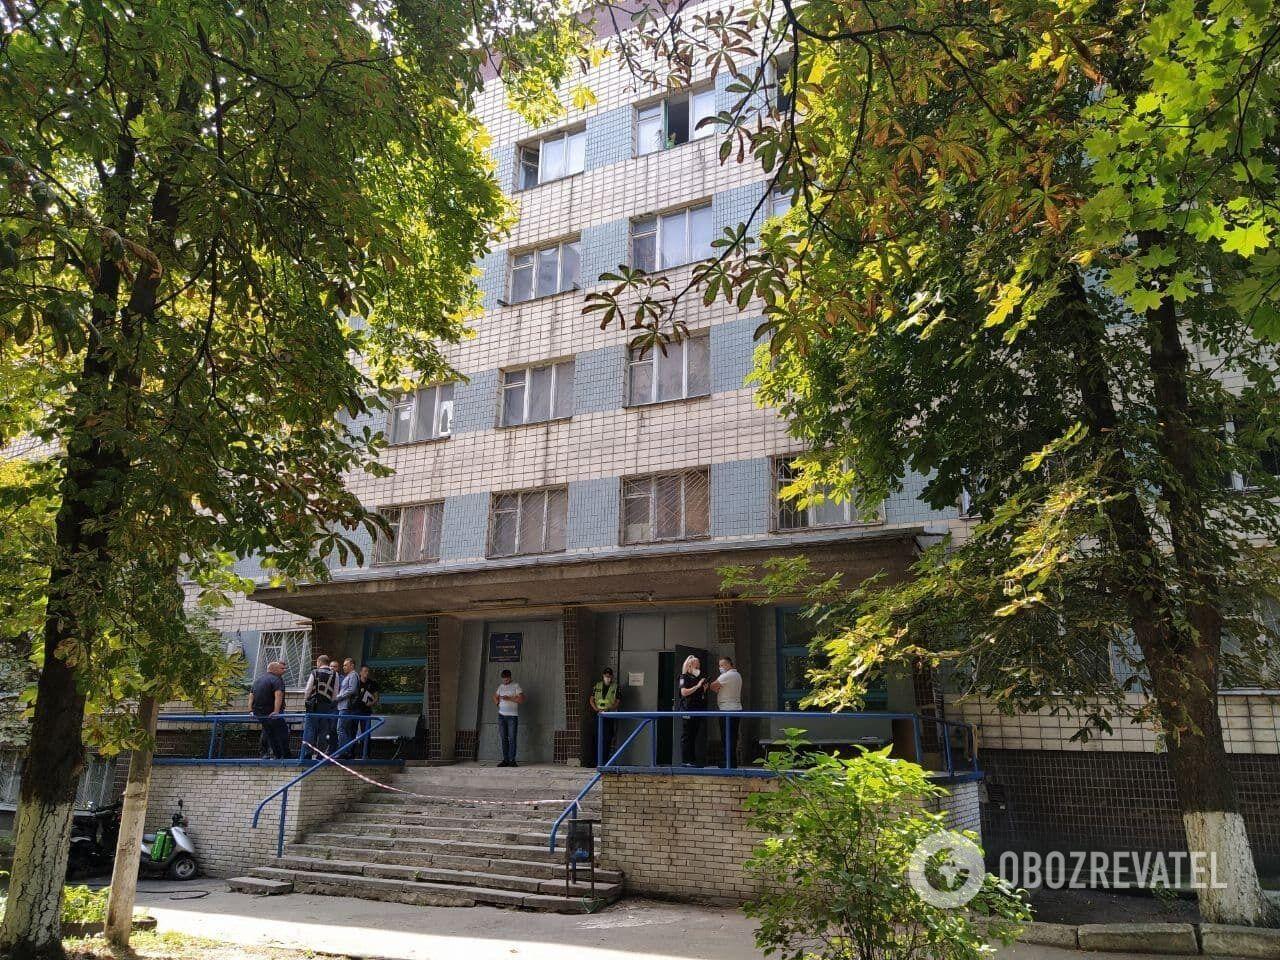 Общежитие, в котором жил полицейский.